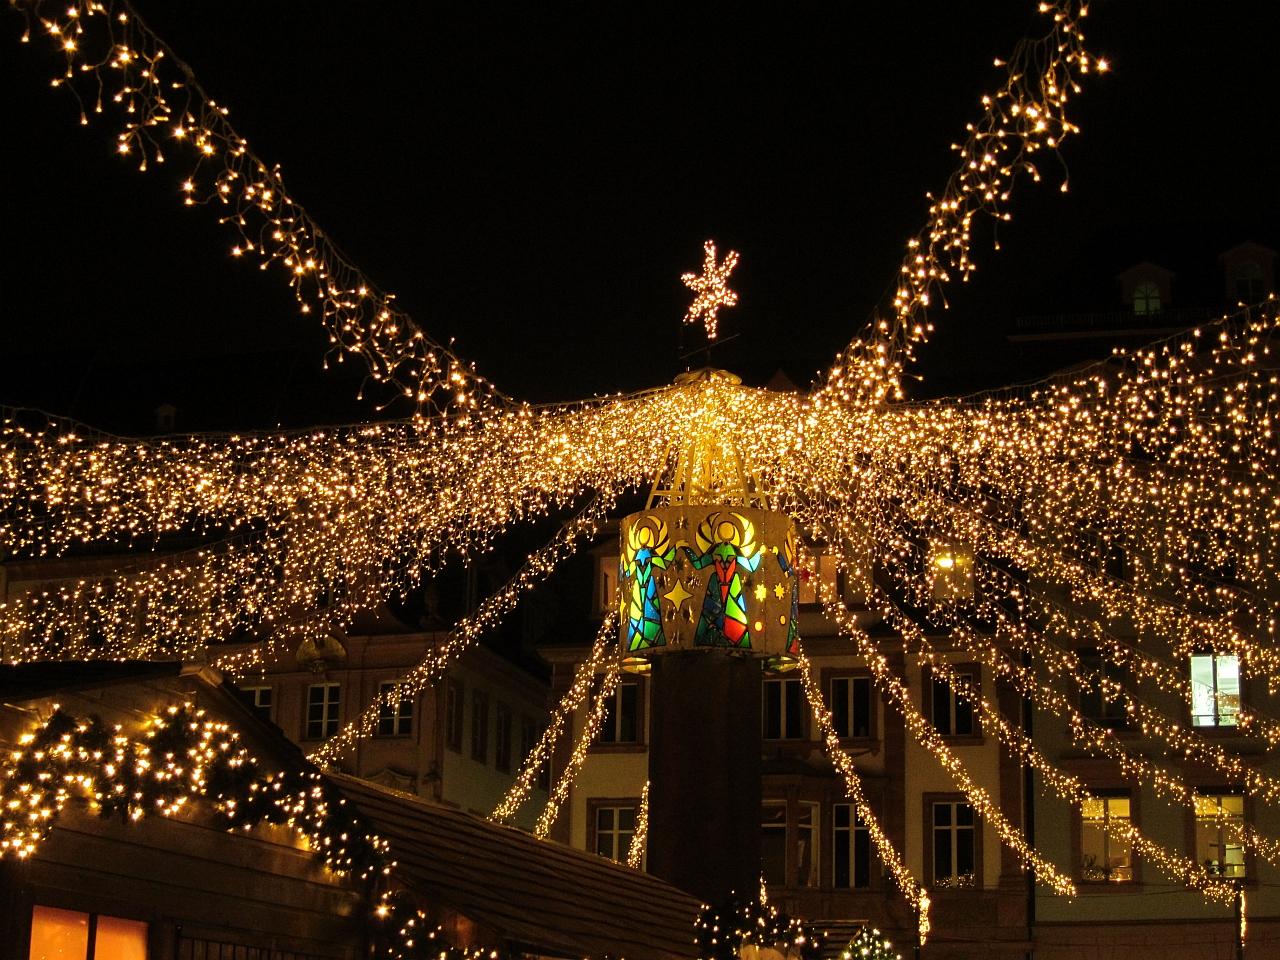 Weihnachtsmarkt Mainz.Weihnachtsmarkt In Mainz Foto Bild Kunstfotografie Kultur